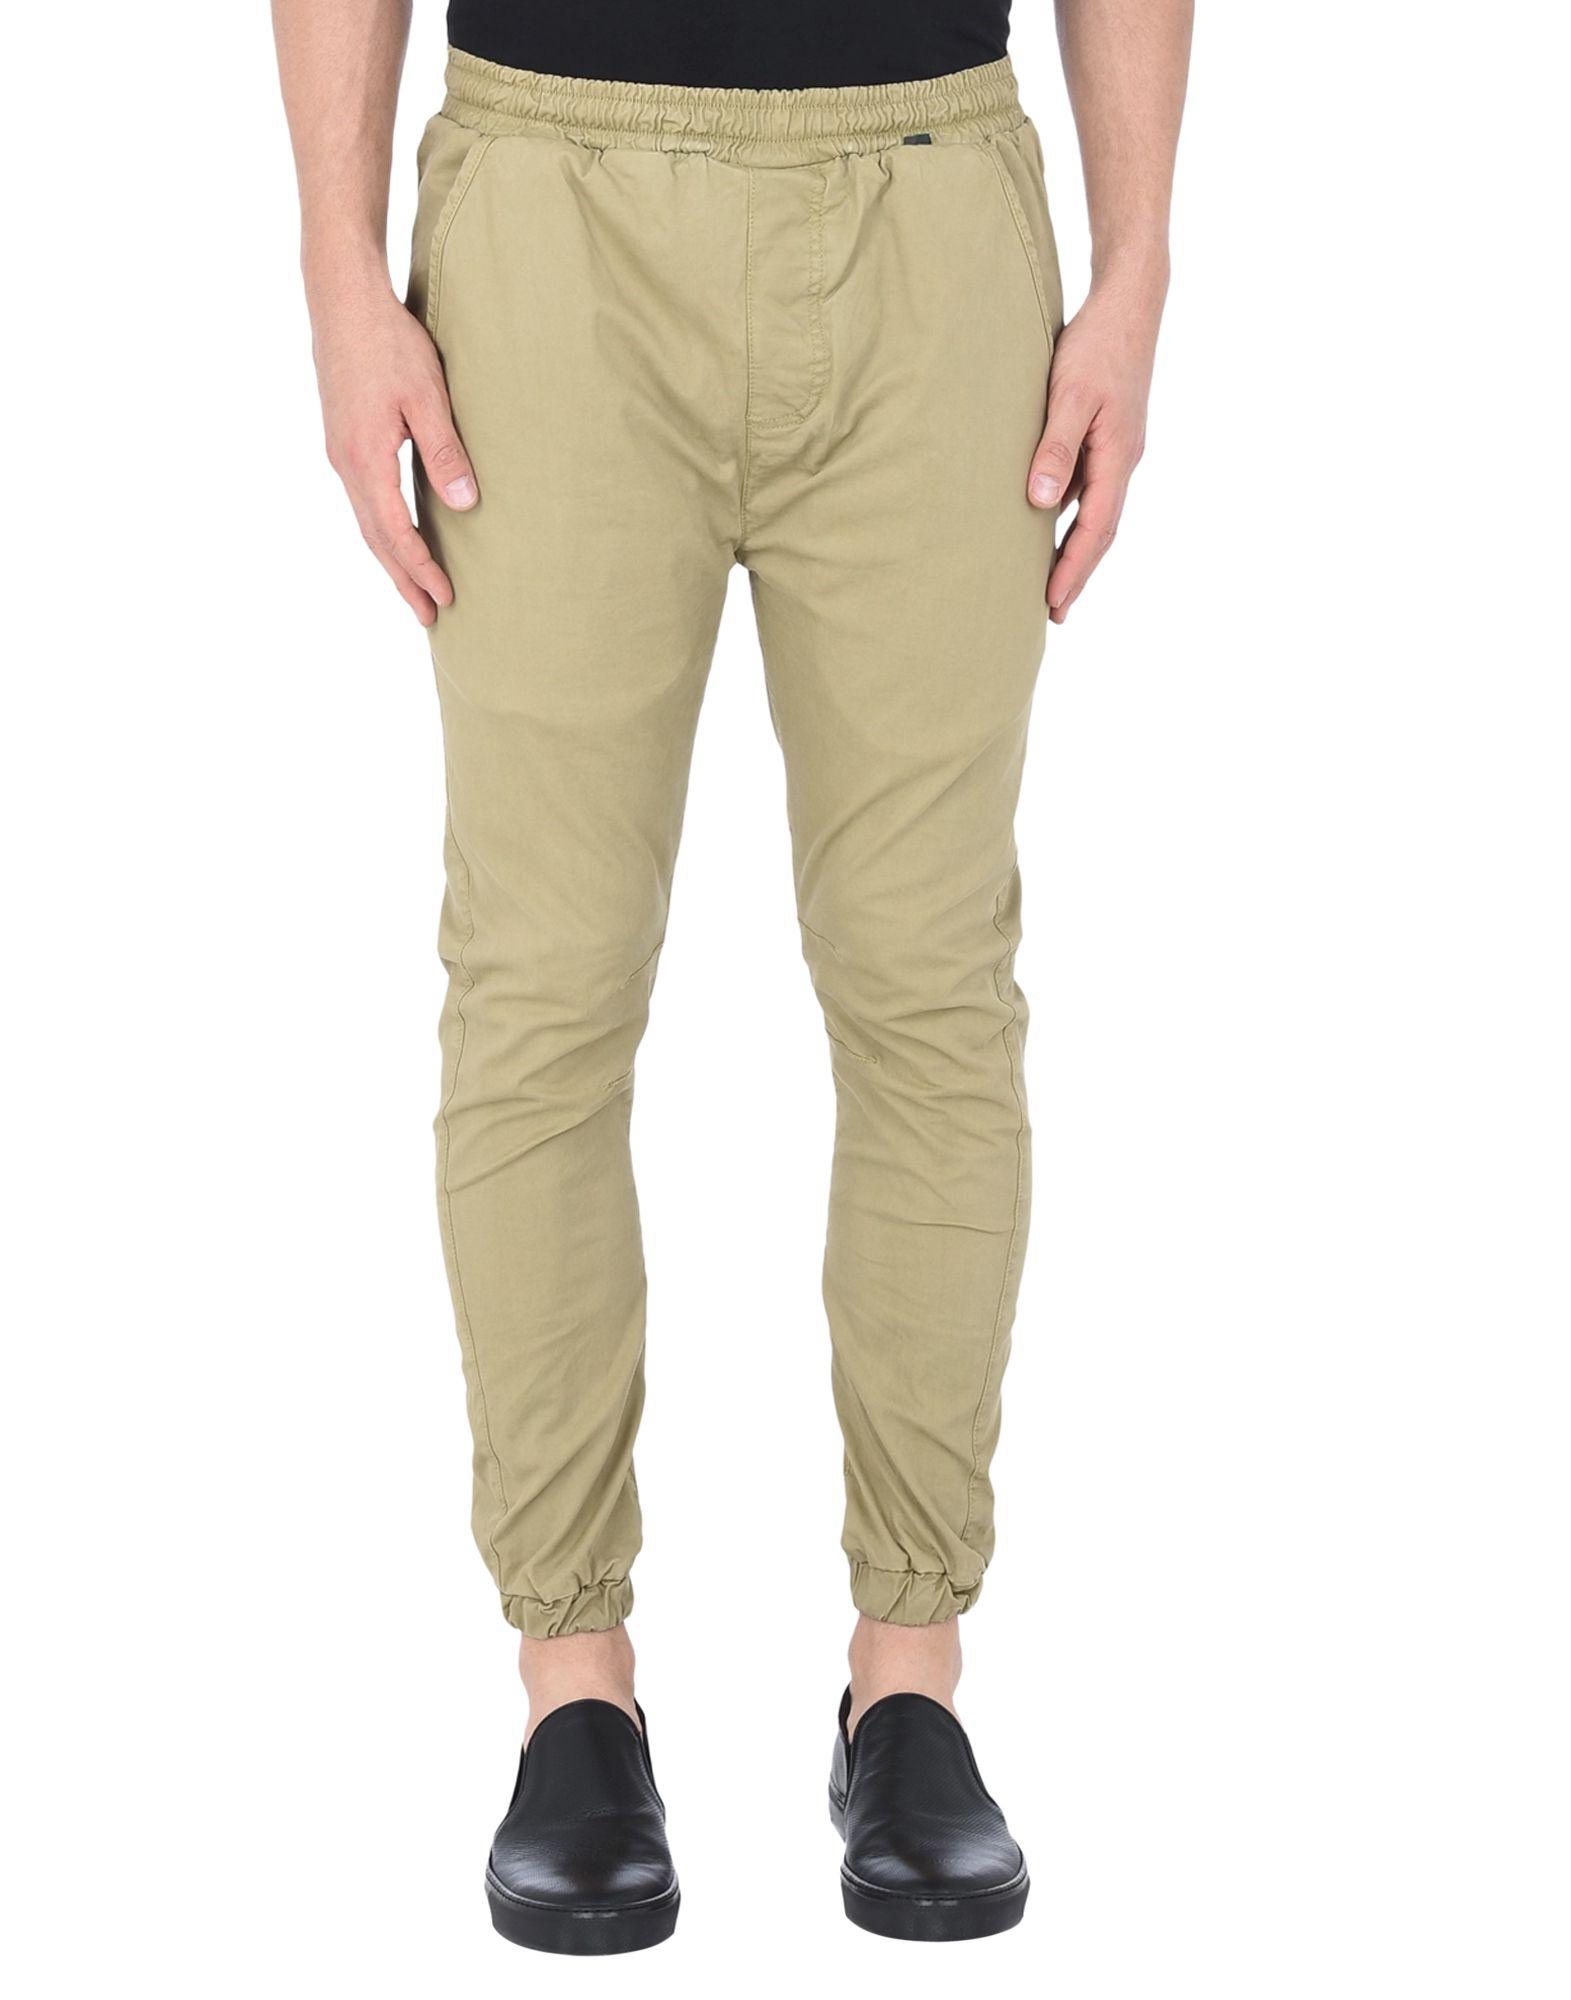 Les Pantalons - 3/4 Pantalons Longs Rvlt 3za9L